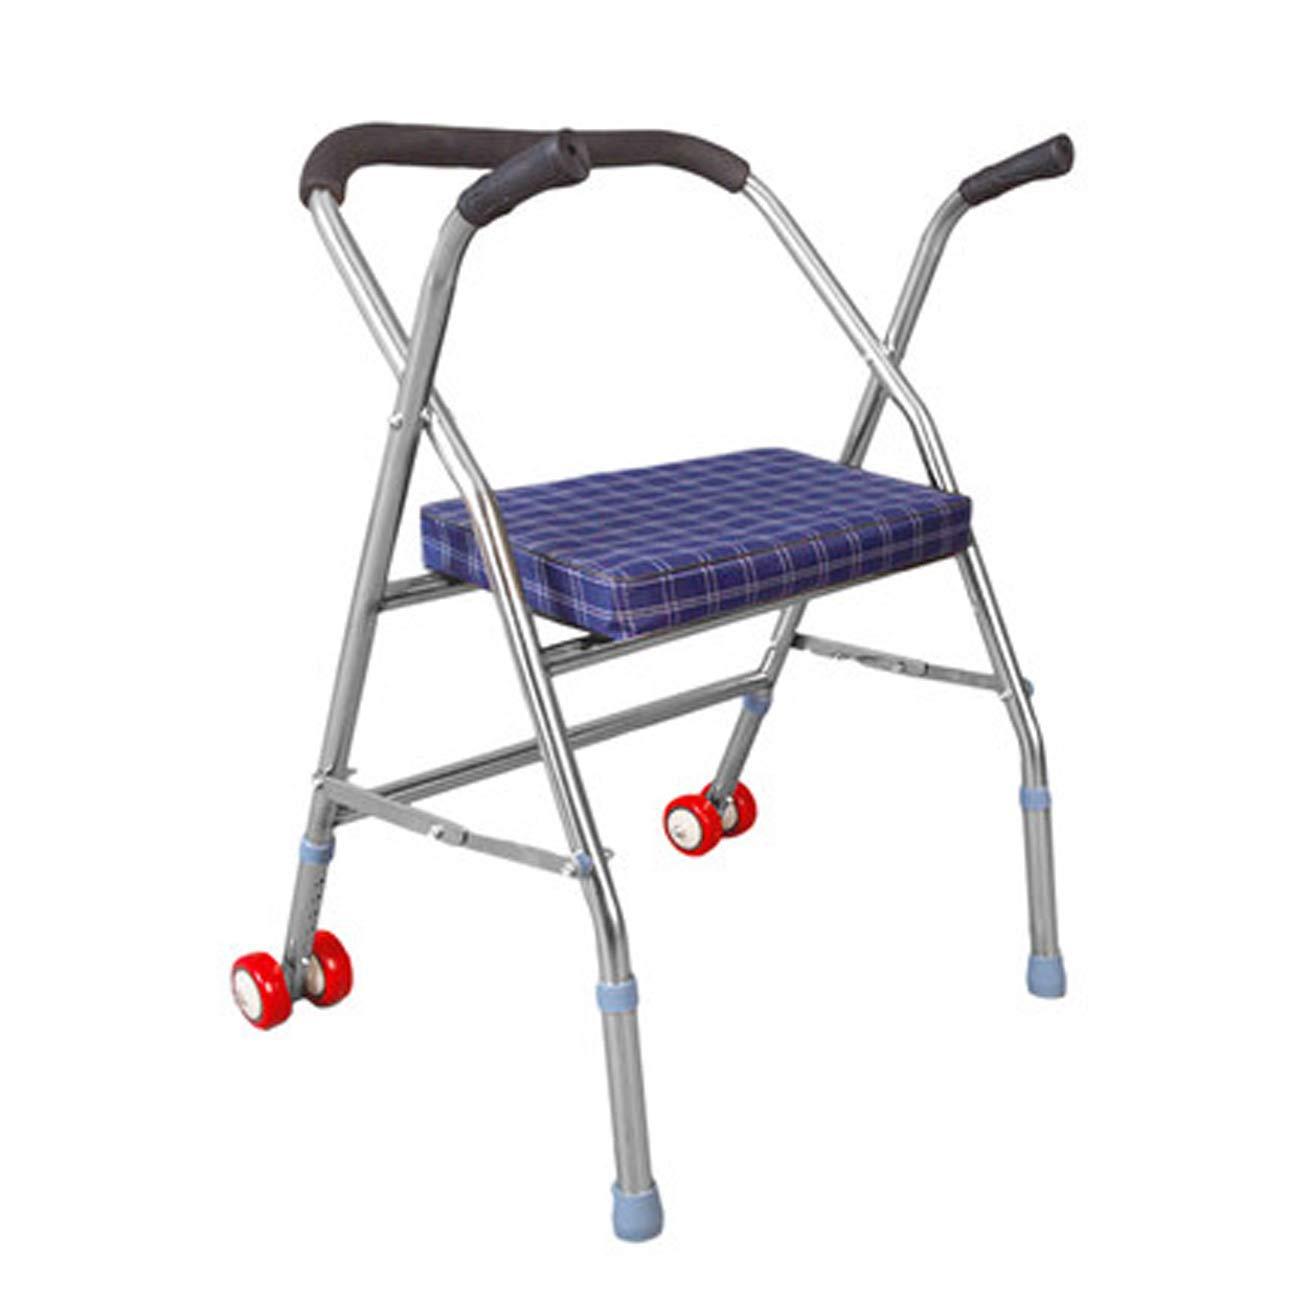 【時間指定不可】 高齢者ウォーカー、ステンレス鋼折りたたみウォーカー高齢者障害者ウォーカー妊婦四足歩行スティック車輪付きウォーカー、青 B07L5LQV2H B07L5LQV2H, SMARQUE:63a9b96c --- a0267596.xsph.ru